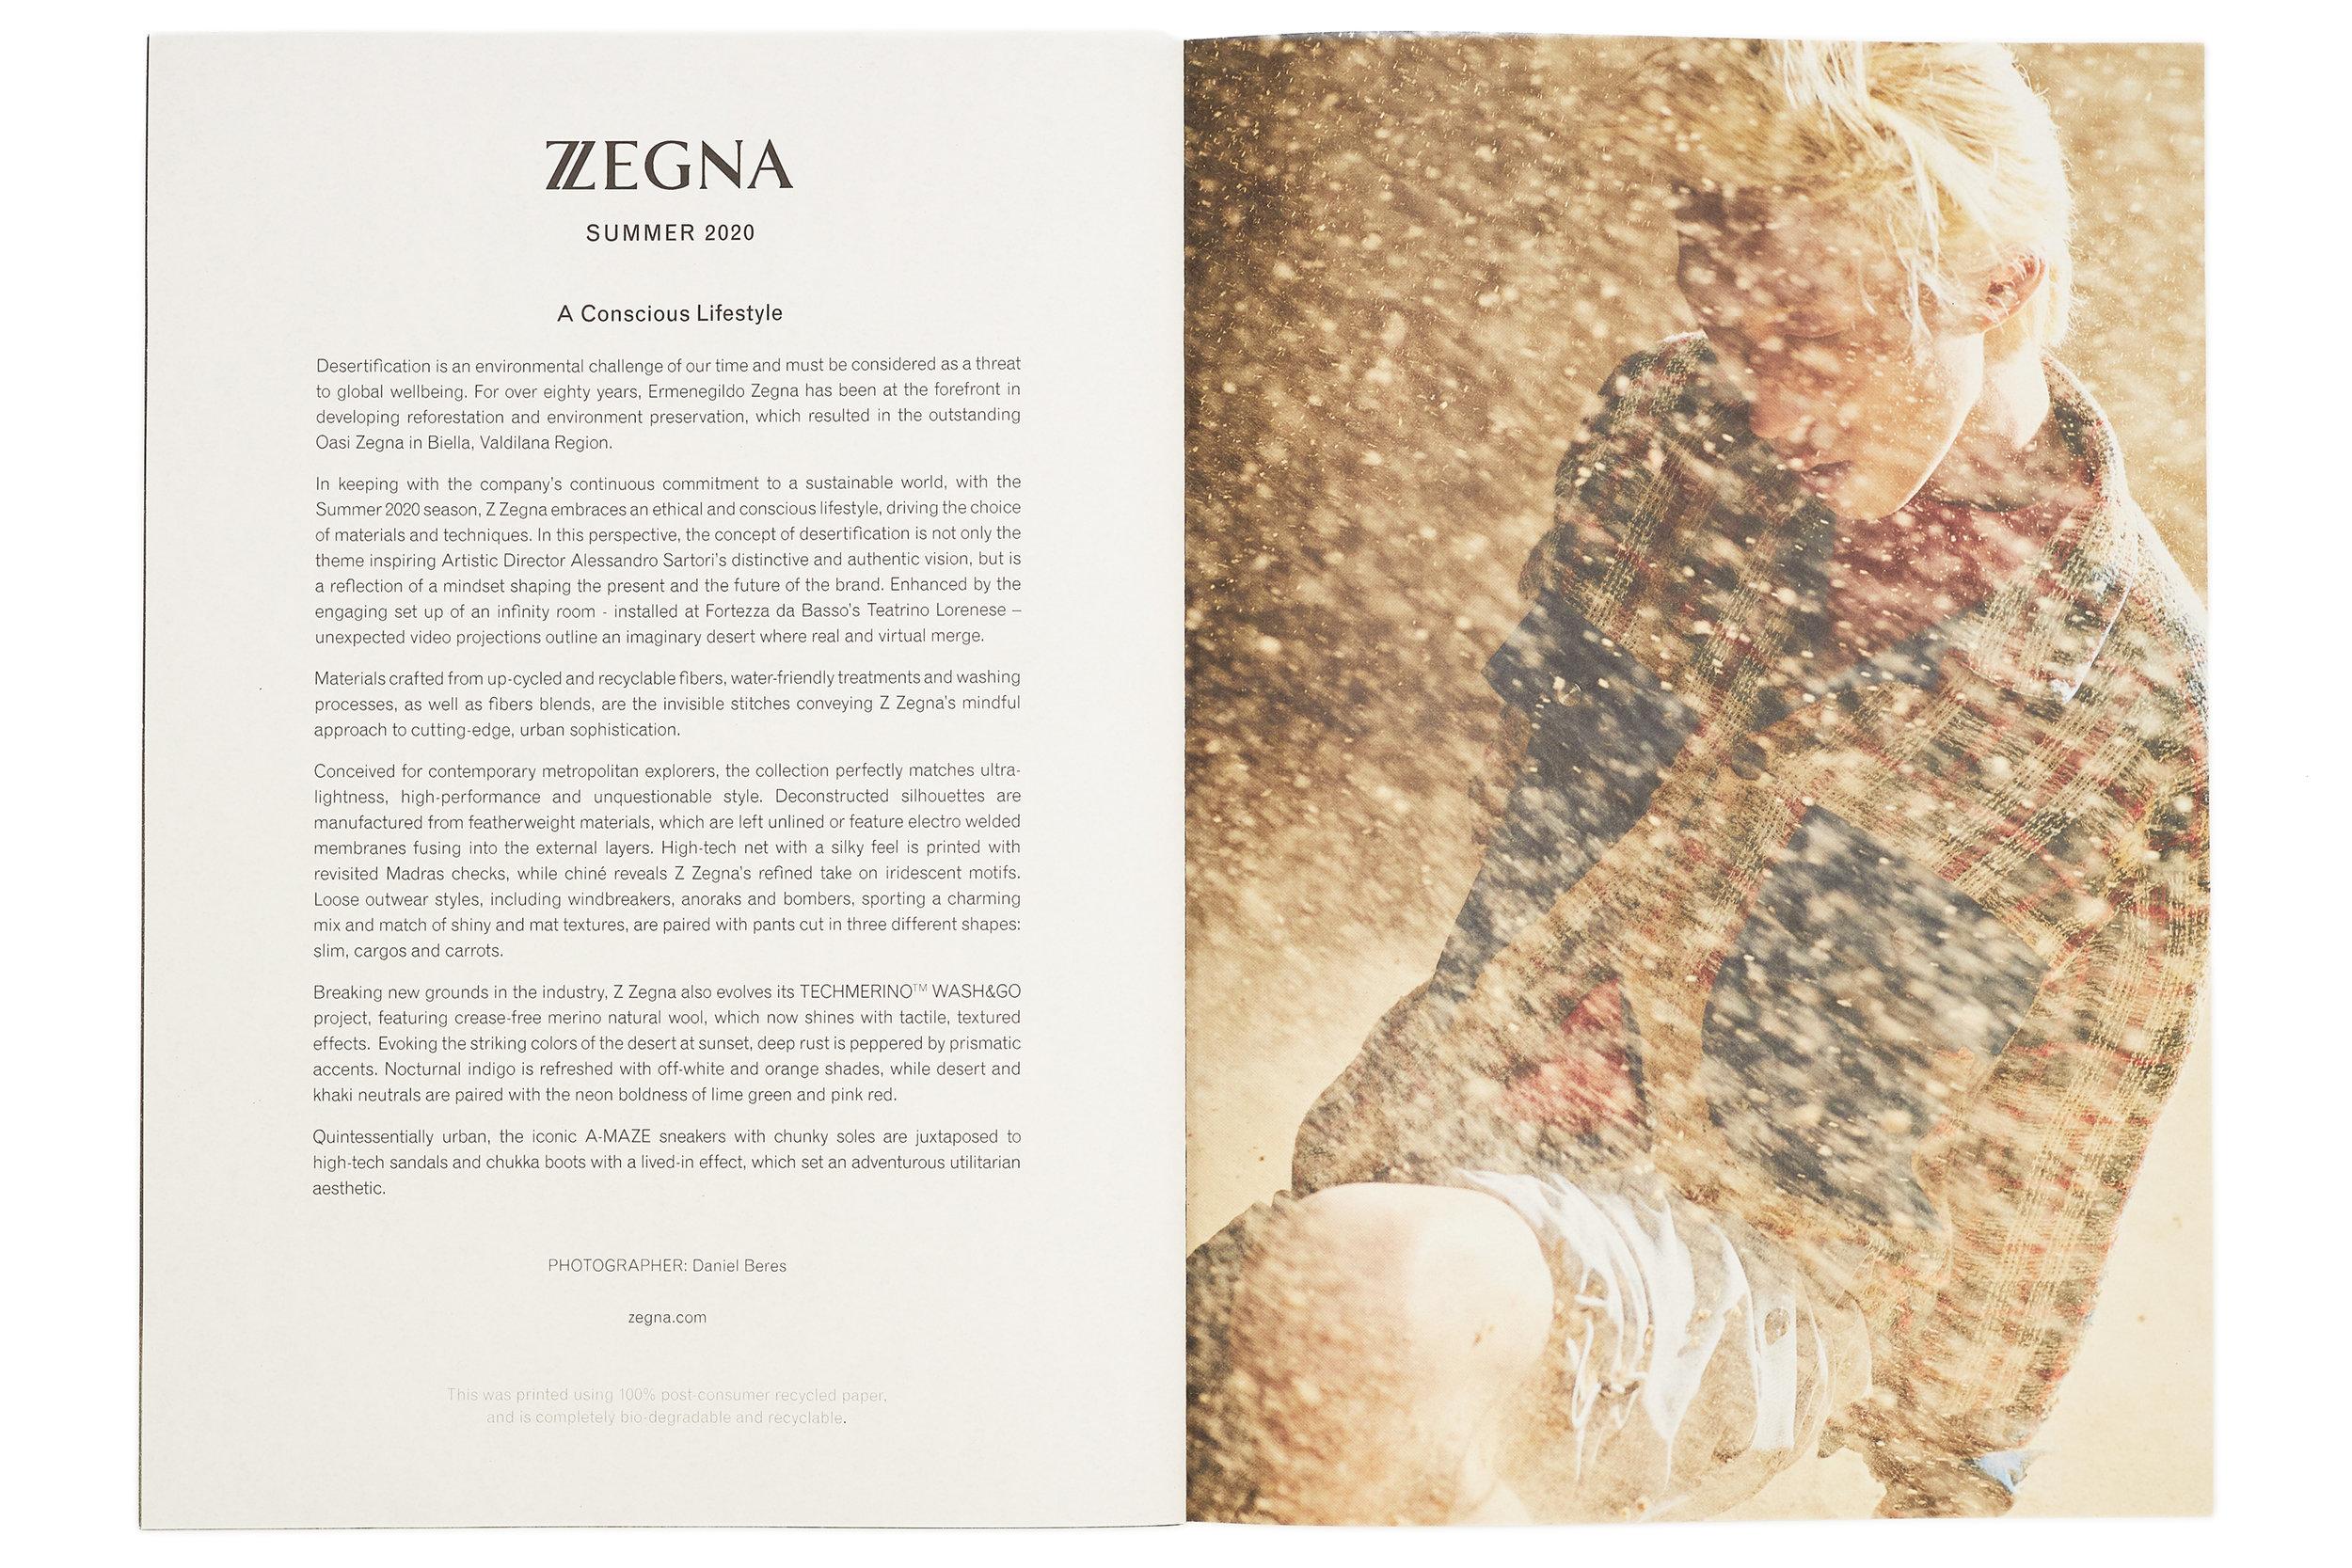 Z ZEGNA - SPRING/SUMMER 20